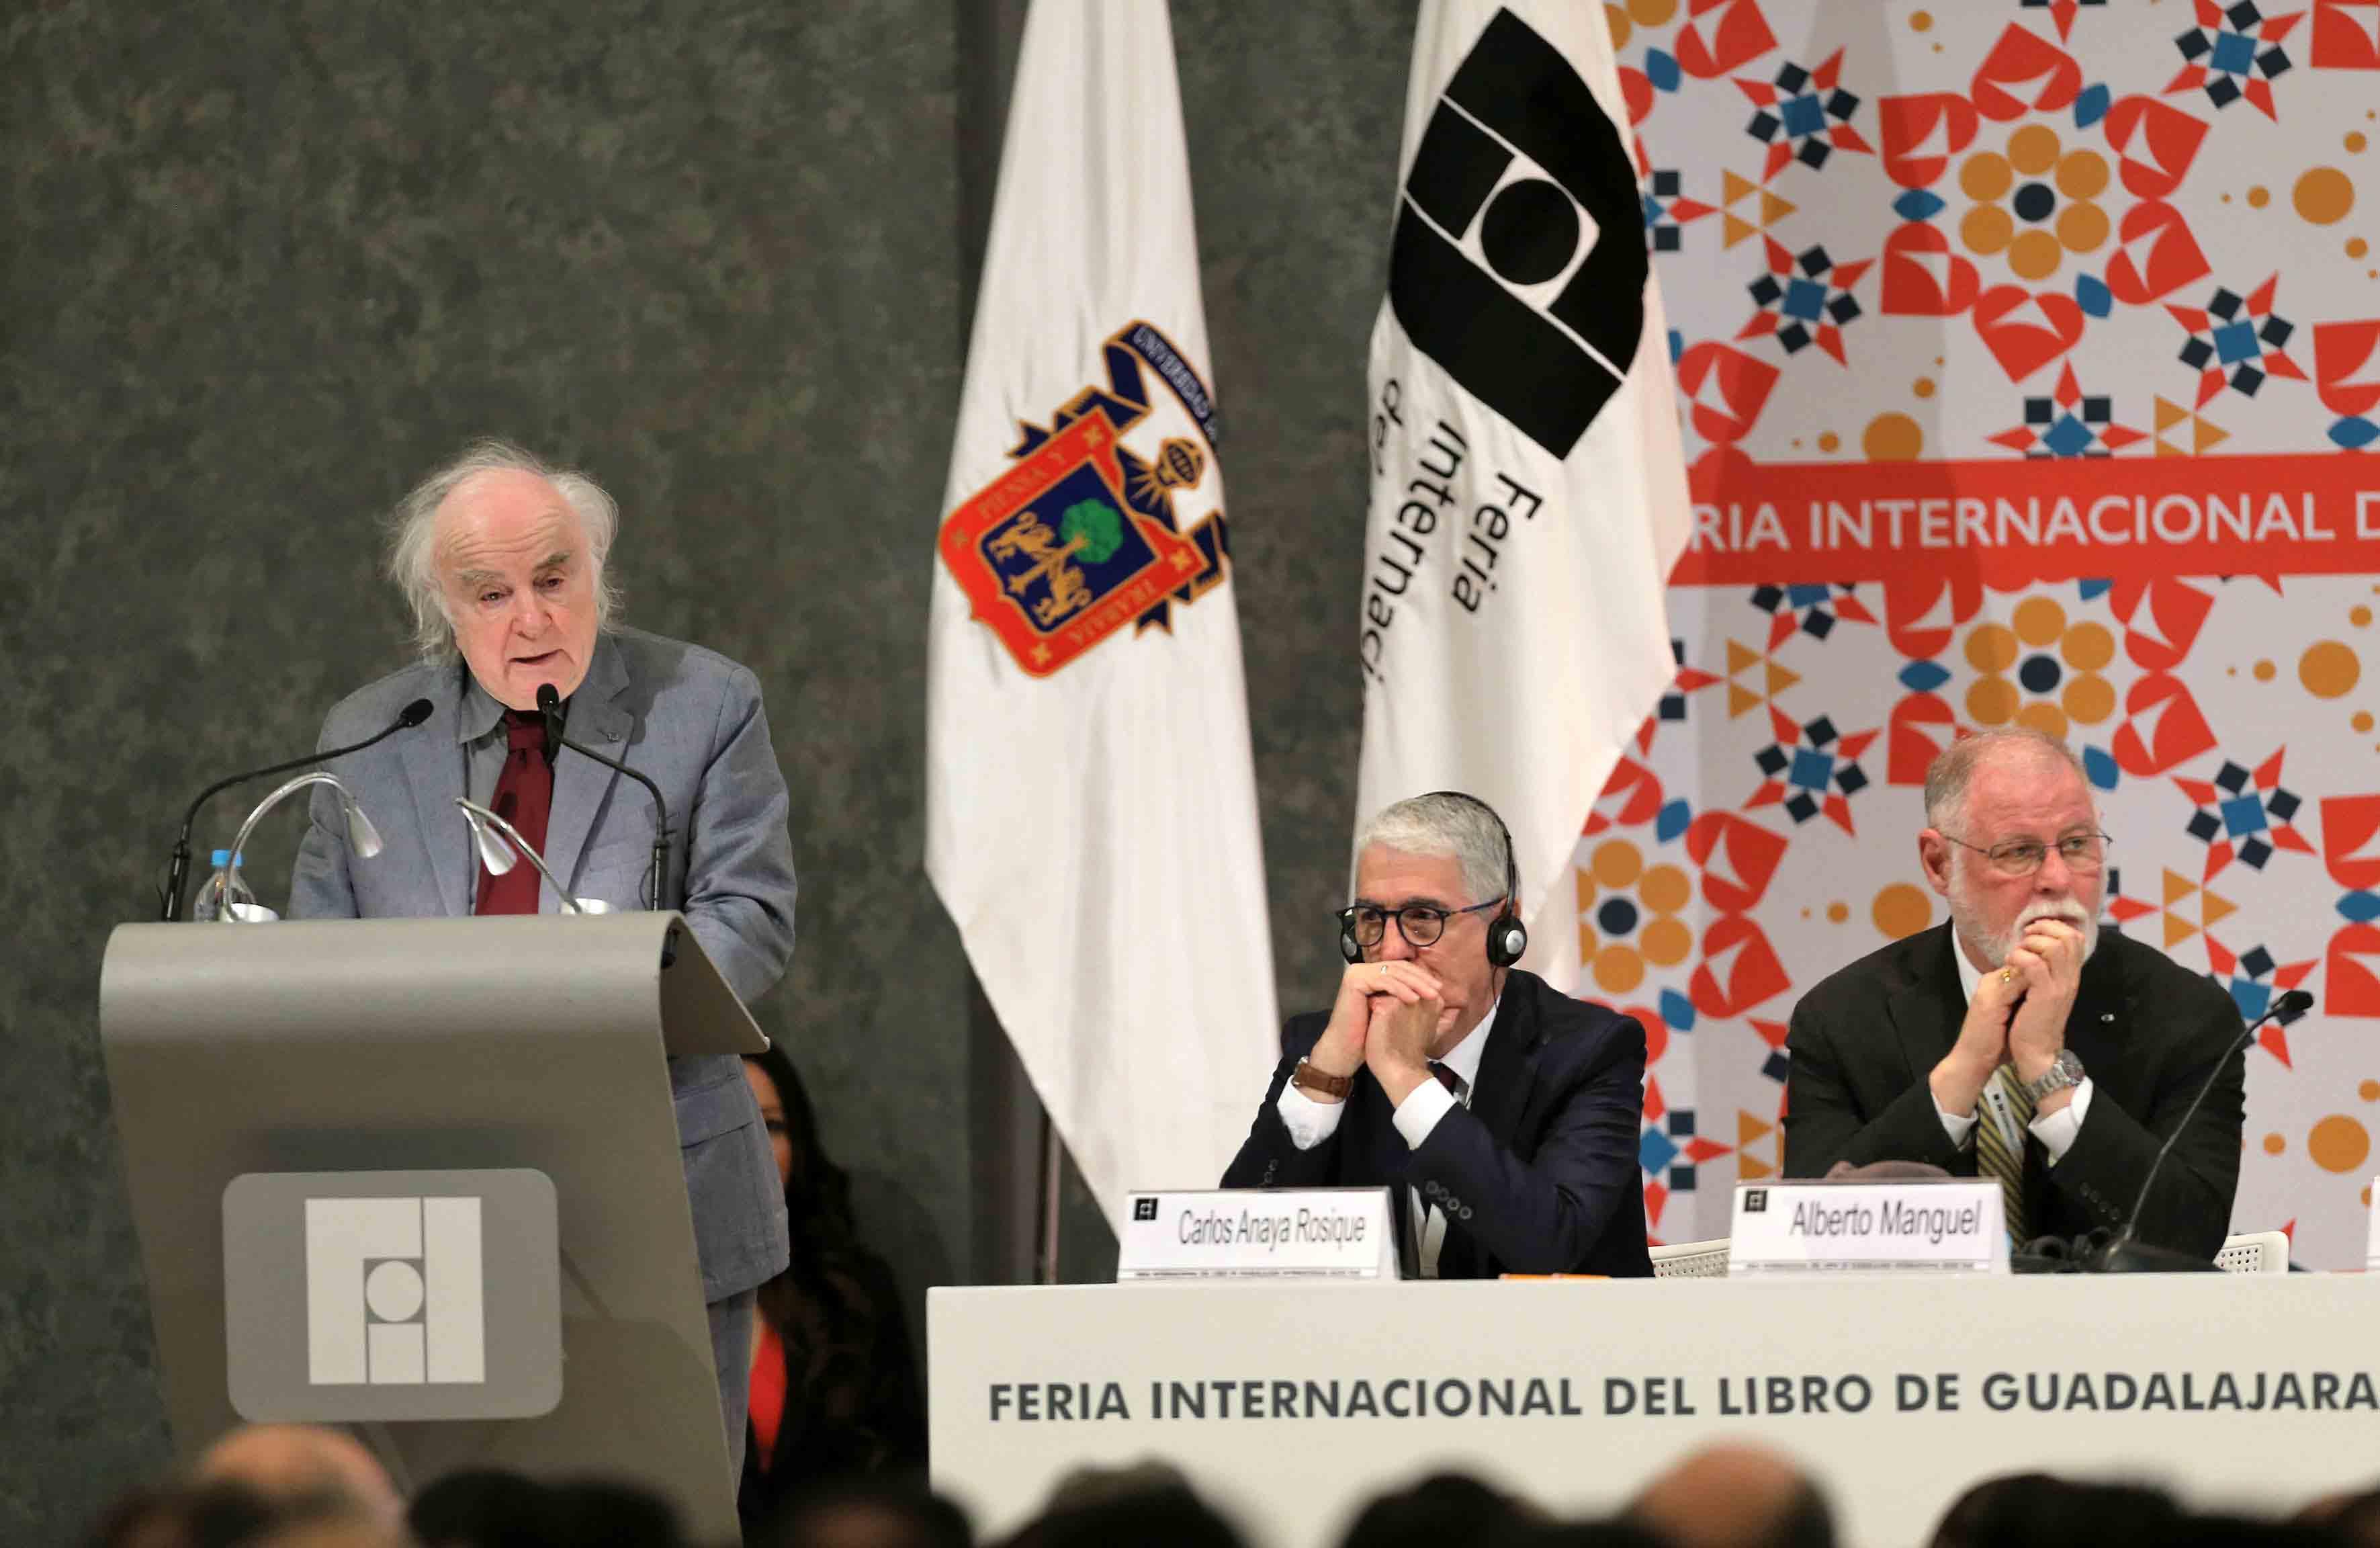 Norman Menea, premio de Literatura en Lenguas Romances 2016, en podium de la FIL, haciendo uso de la palabra durante su ceremonia de inaguración.